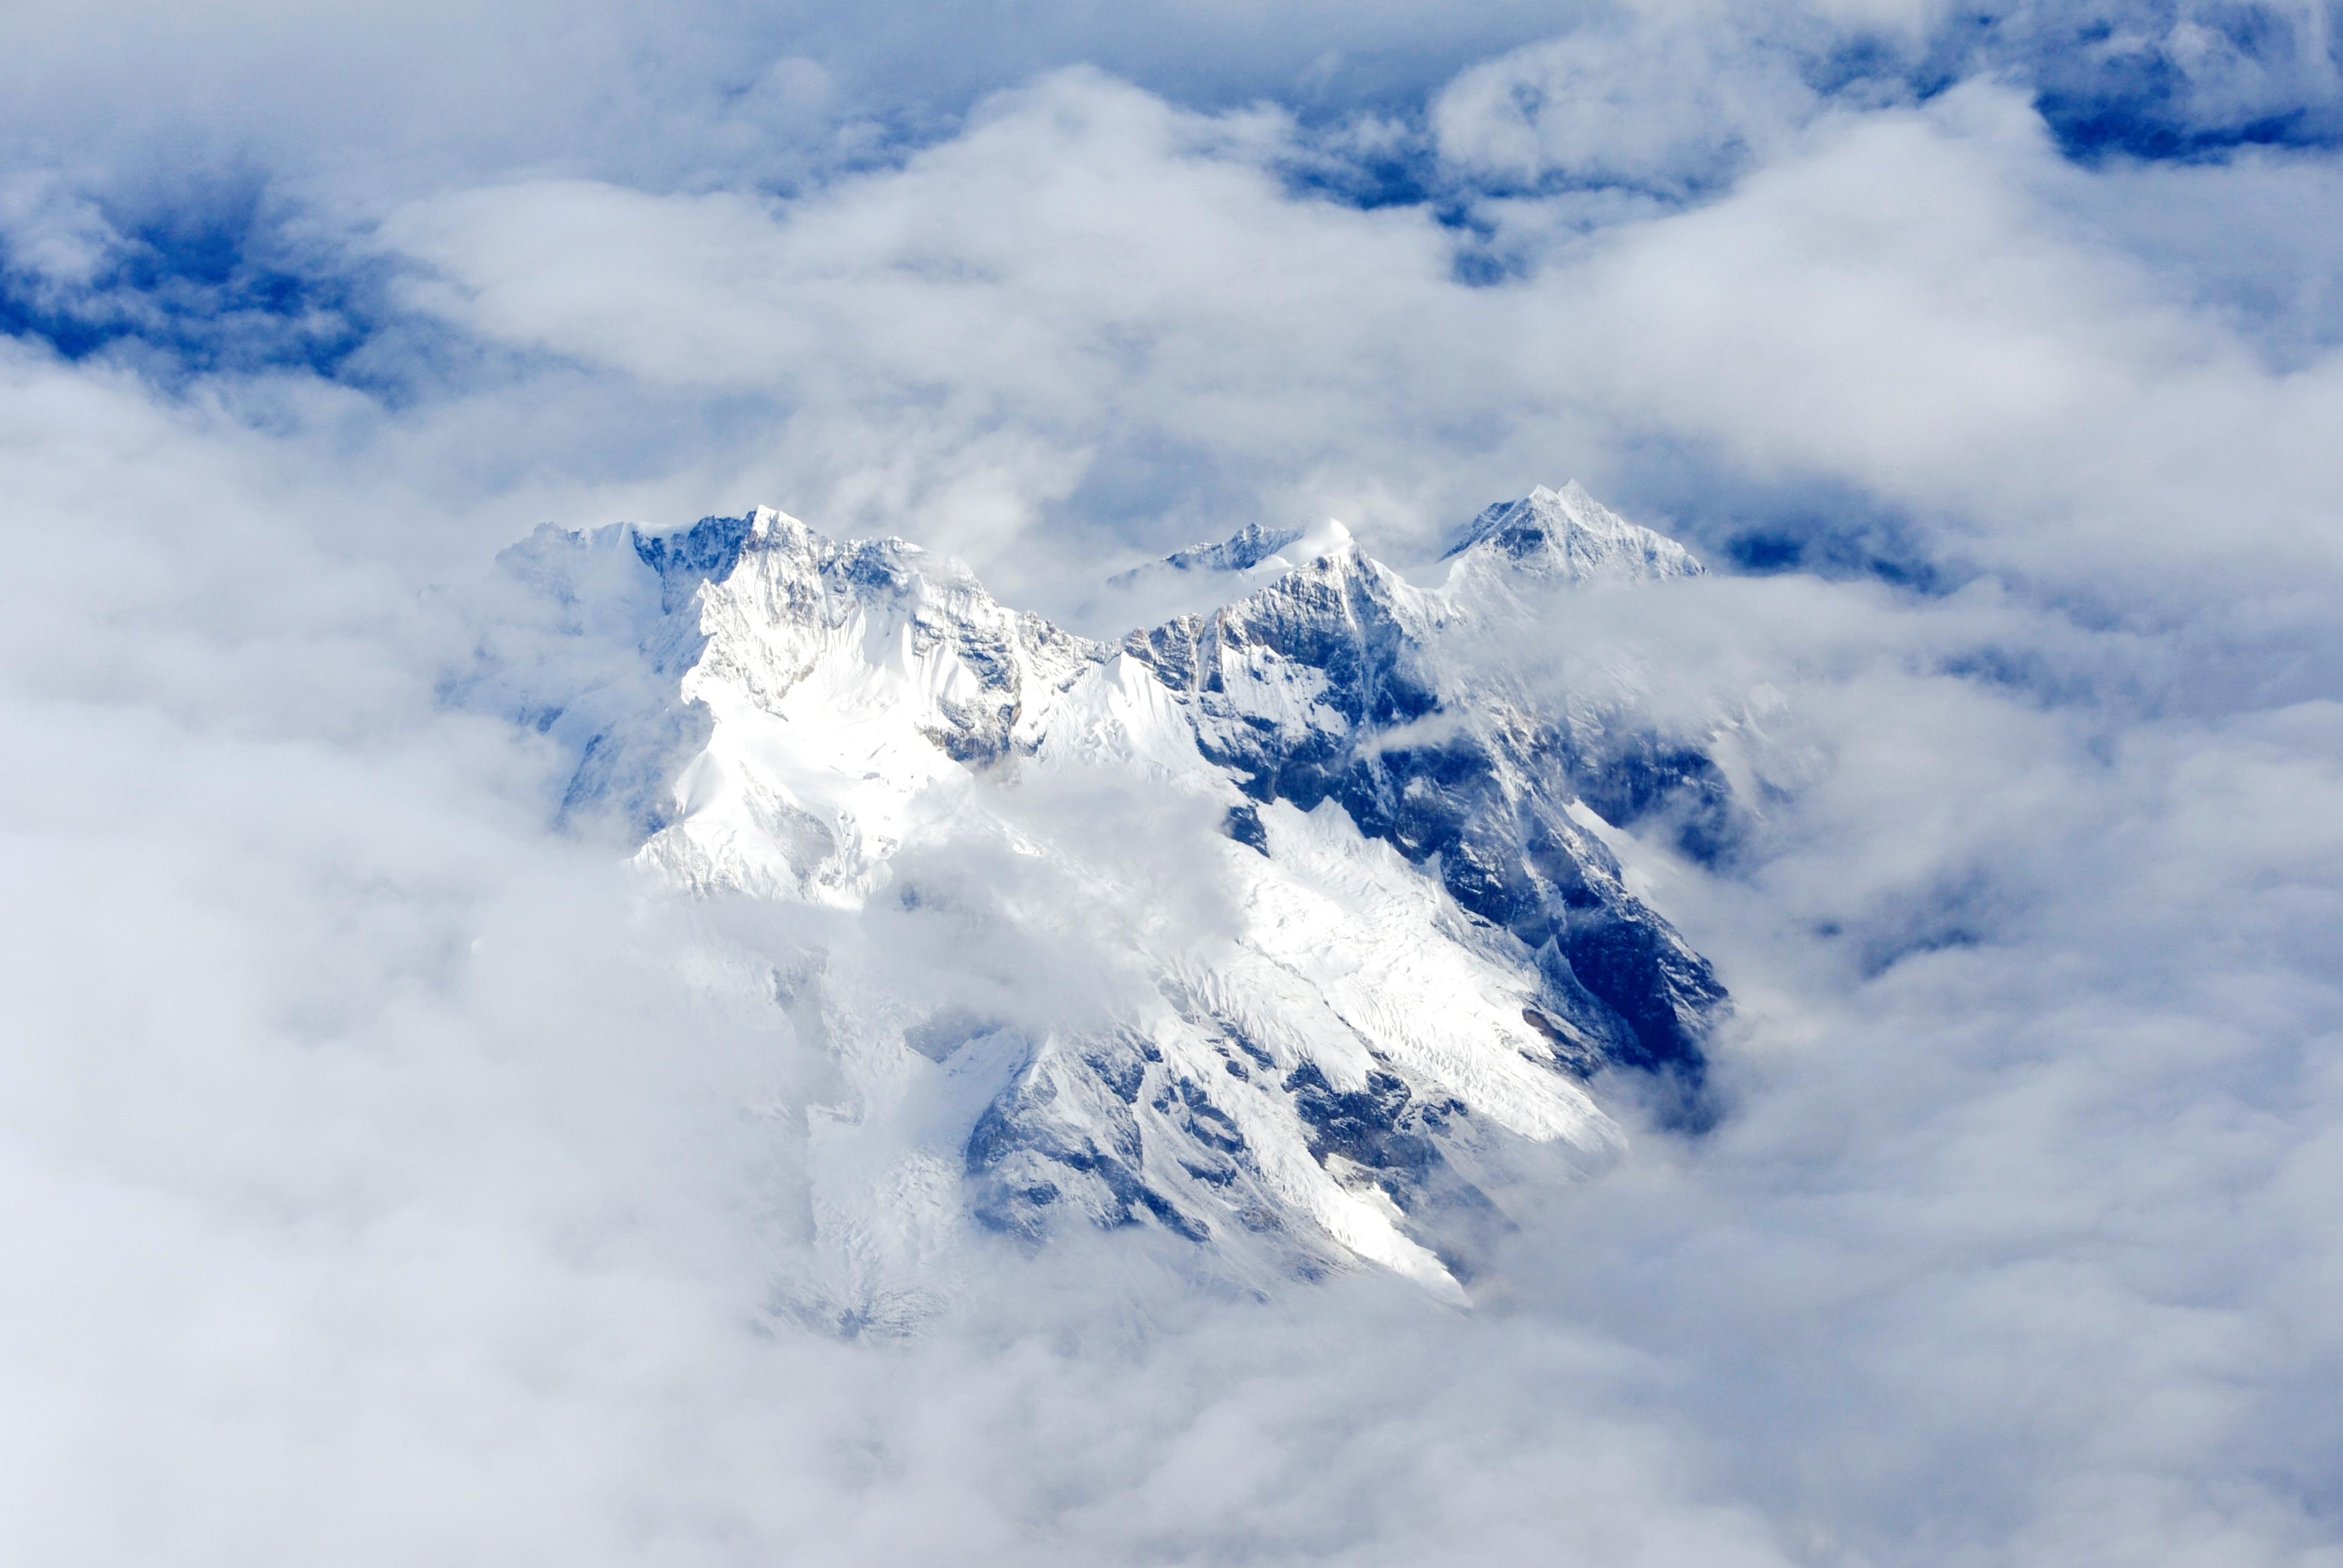 52597 économiseurs d'écran et fonds d'écran Sky sur votre téléphone. Téléchargez Sky, Nature, Montagnes, Nuages, Sommet, Hauts images gratuitement